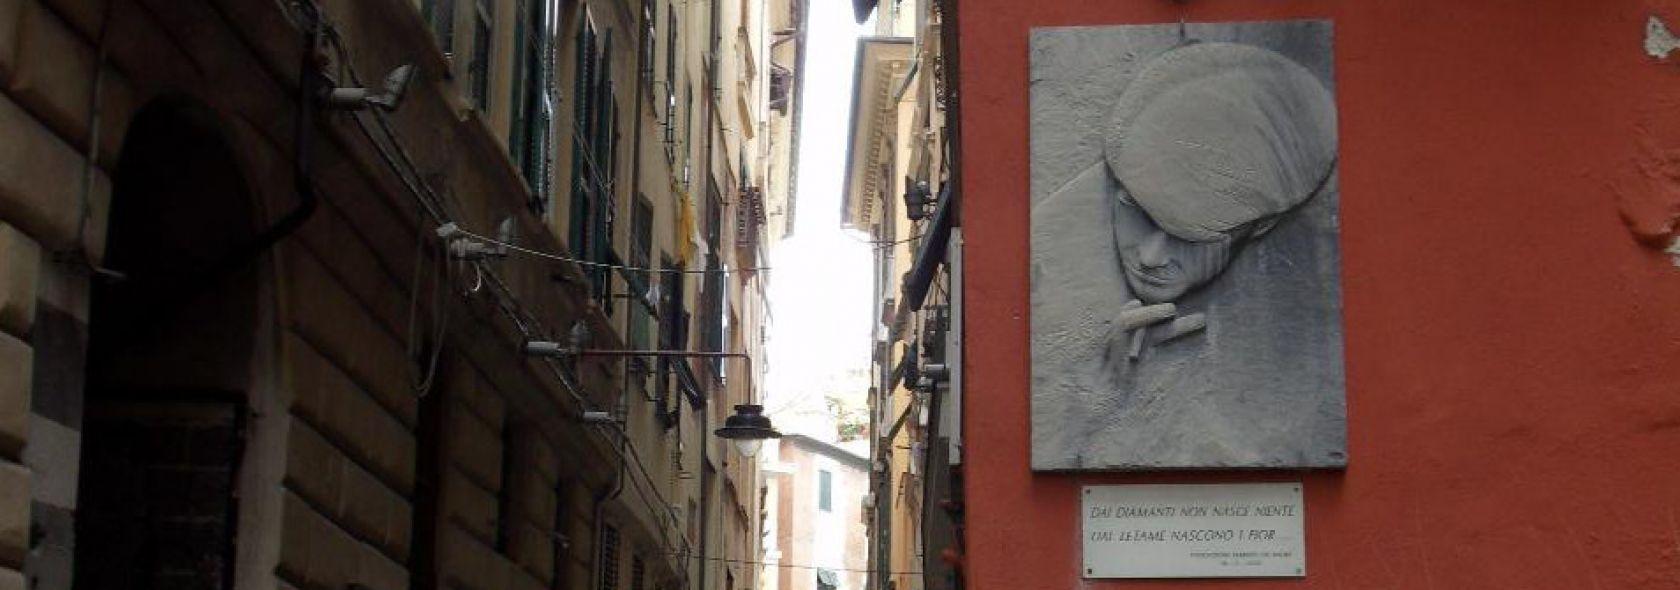 Via del Campo - Foto Ufficio Comunicazione Città Metropolitana di Genova